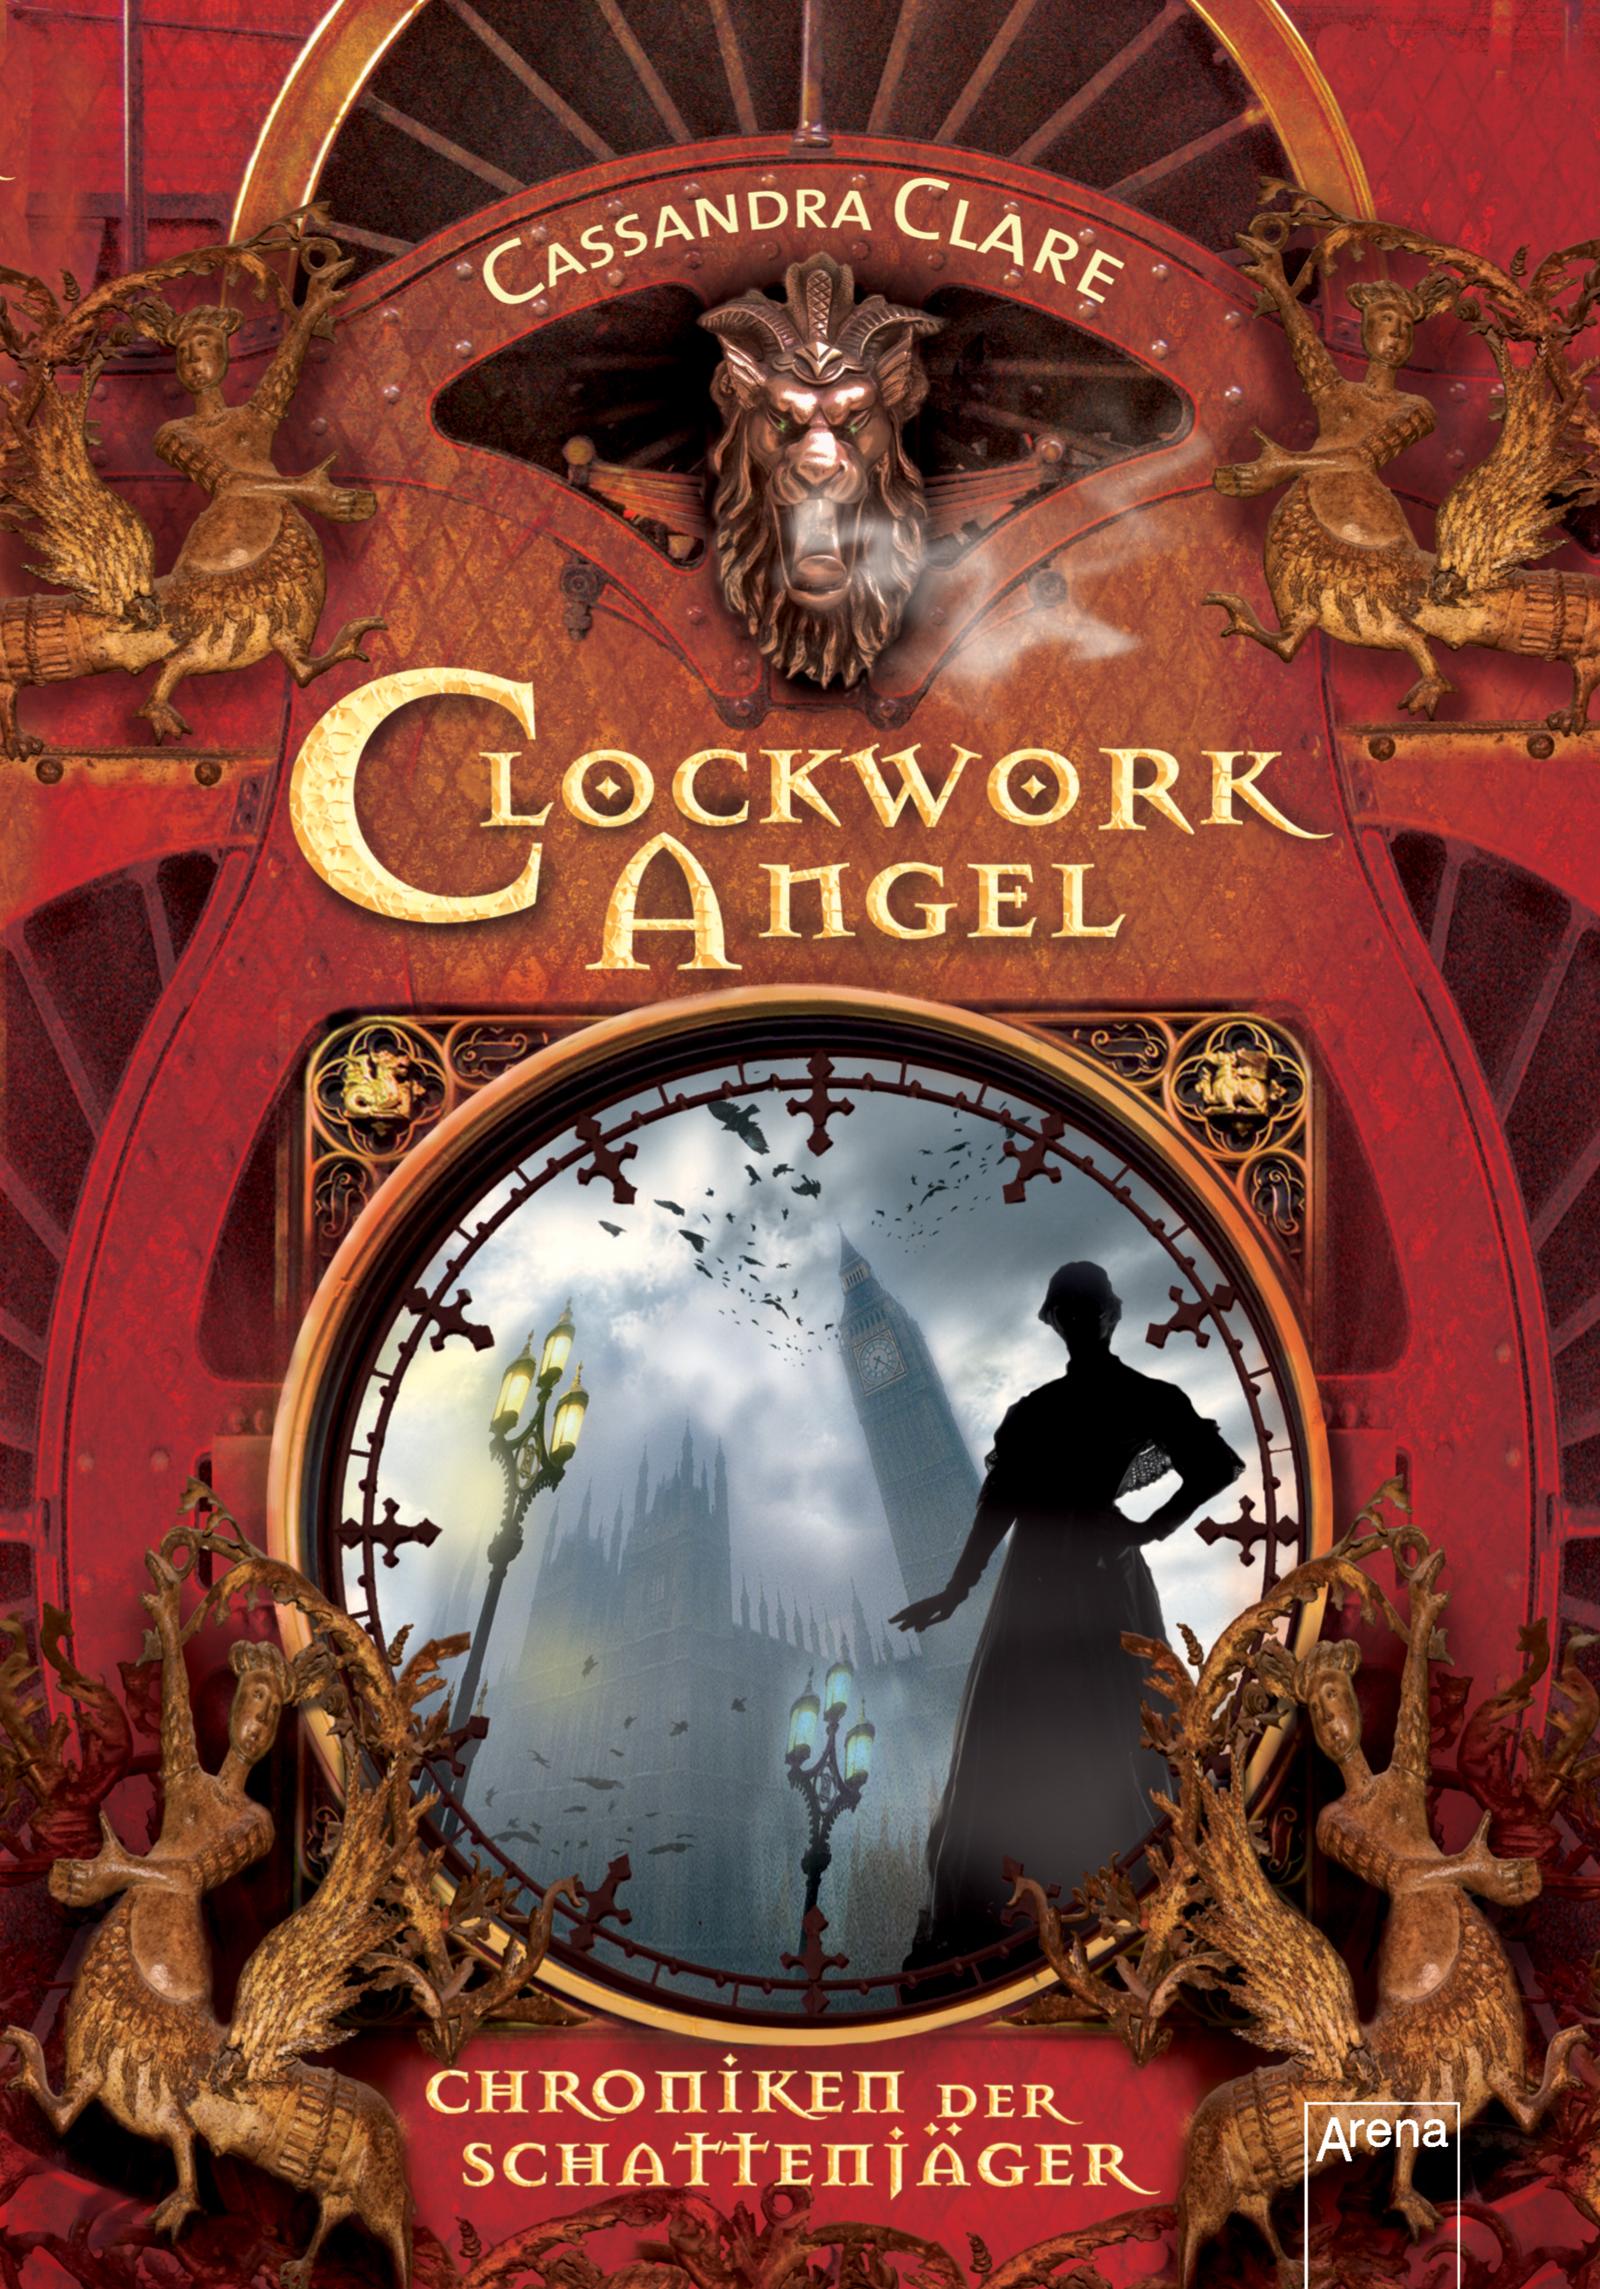 http://www.arena-verlag.de/artikel/clockwork-angel-978-3-401-50799-6